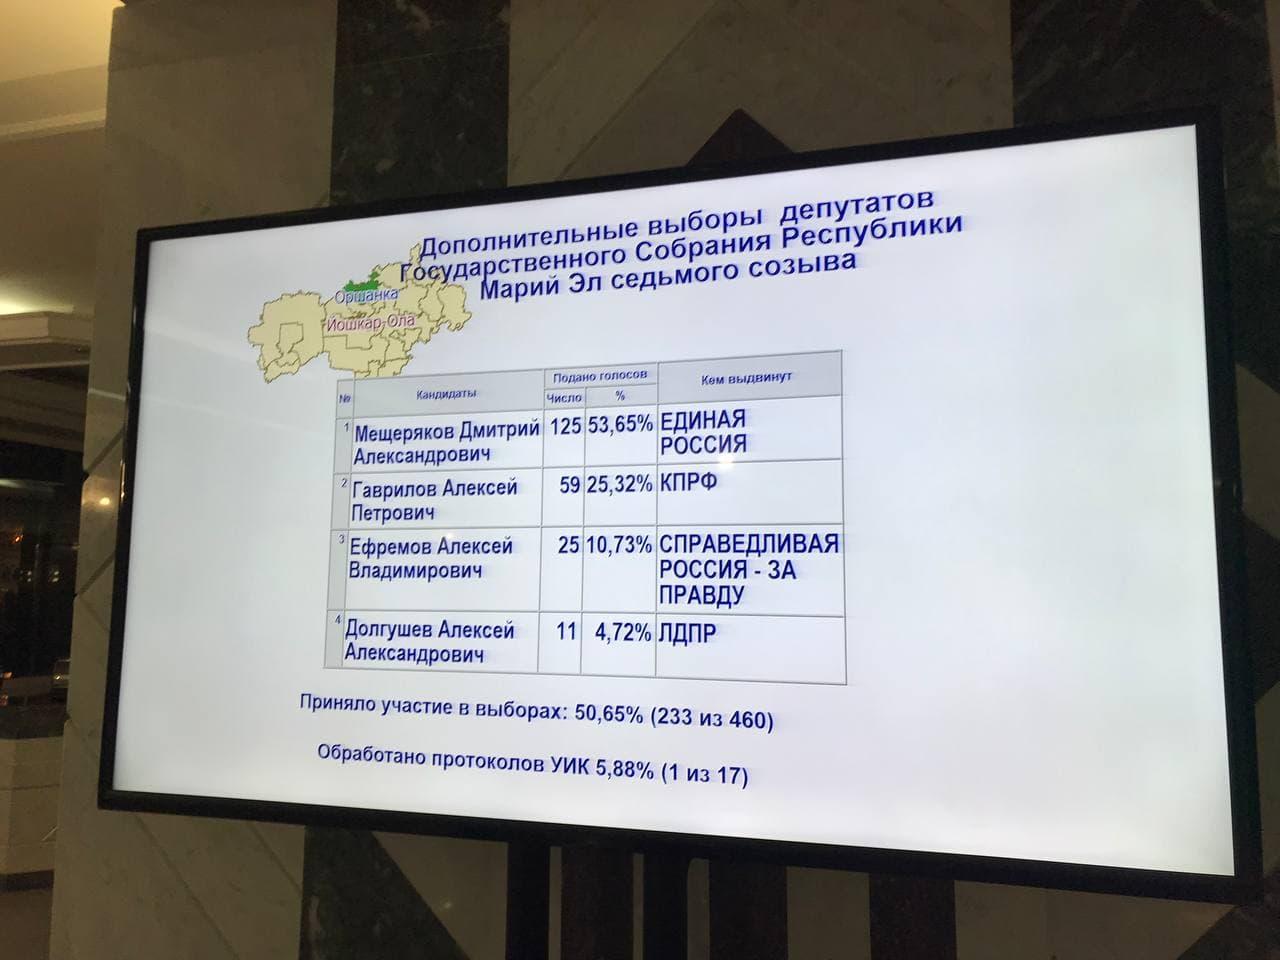 На довыборах в Госсобрание Марий Эл лидирует представитель ЕР Мещеряков